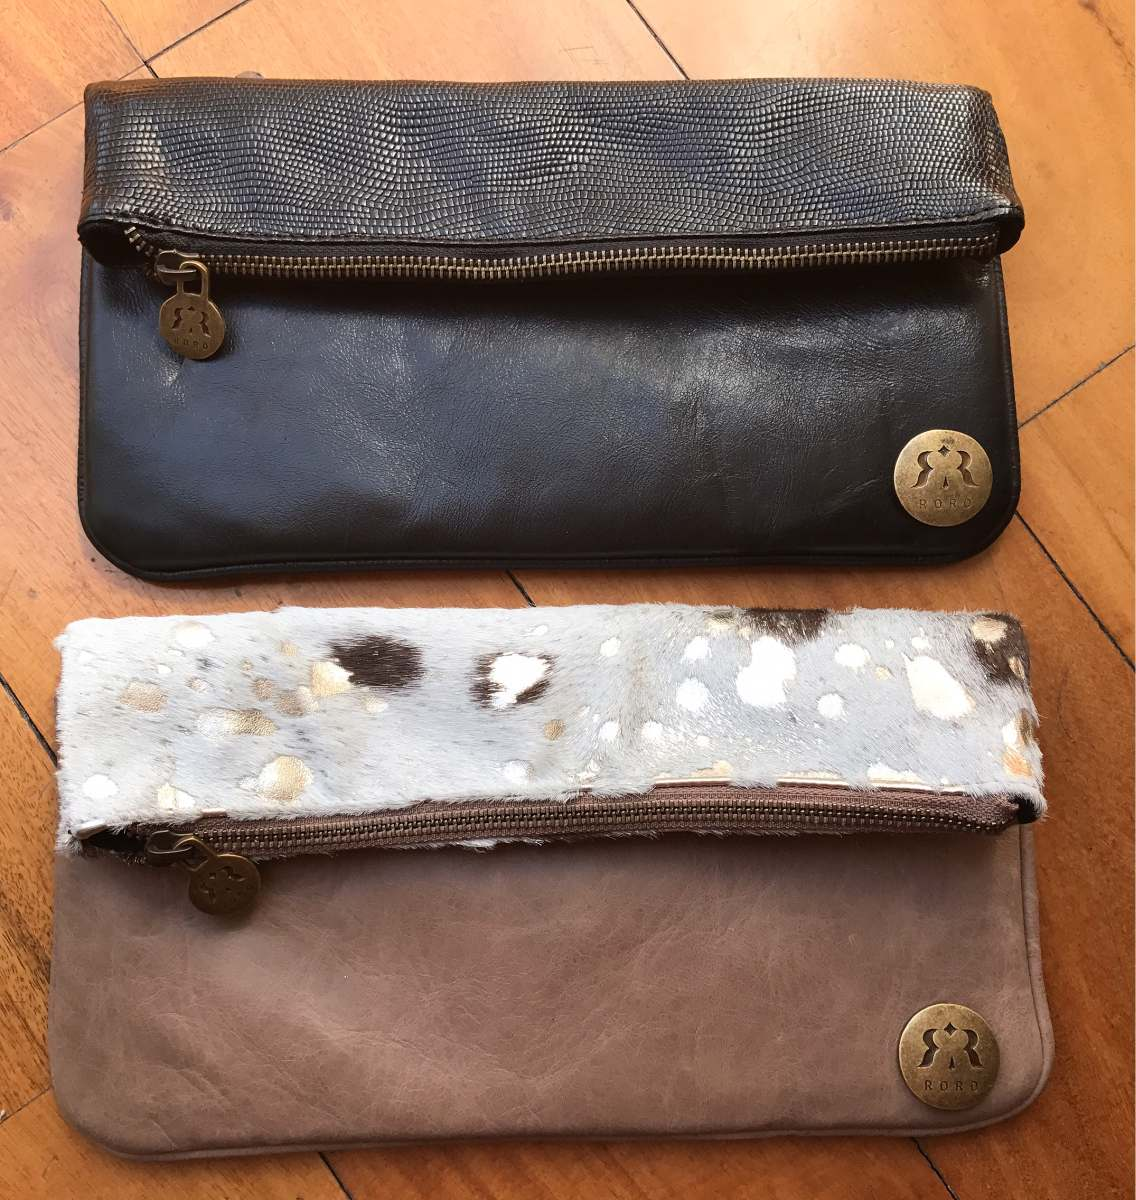 1570d4e63 Sobres De Cuero Argentino Marca Roro Bags Nuevos! - $ 1.250,00 en ...